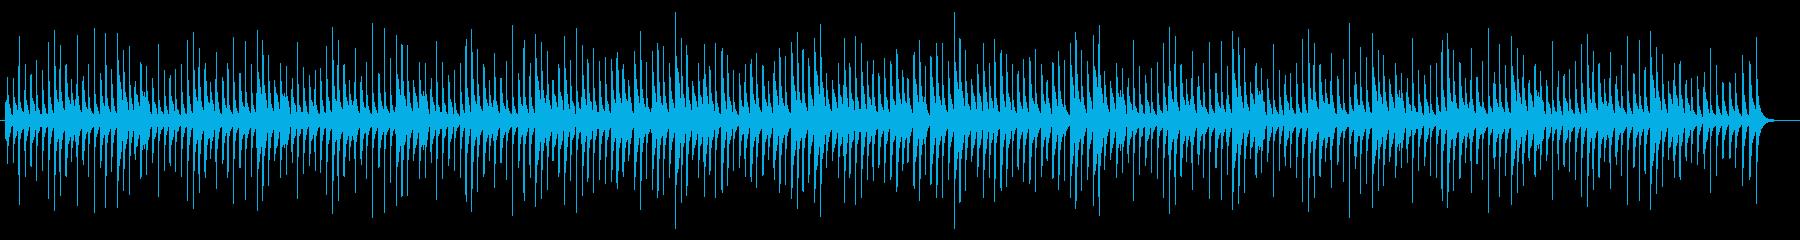 切ないオルゴールサウンドの再生済みの波形